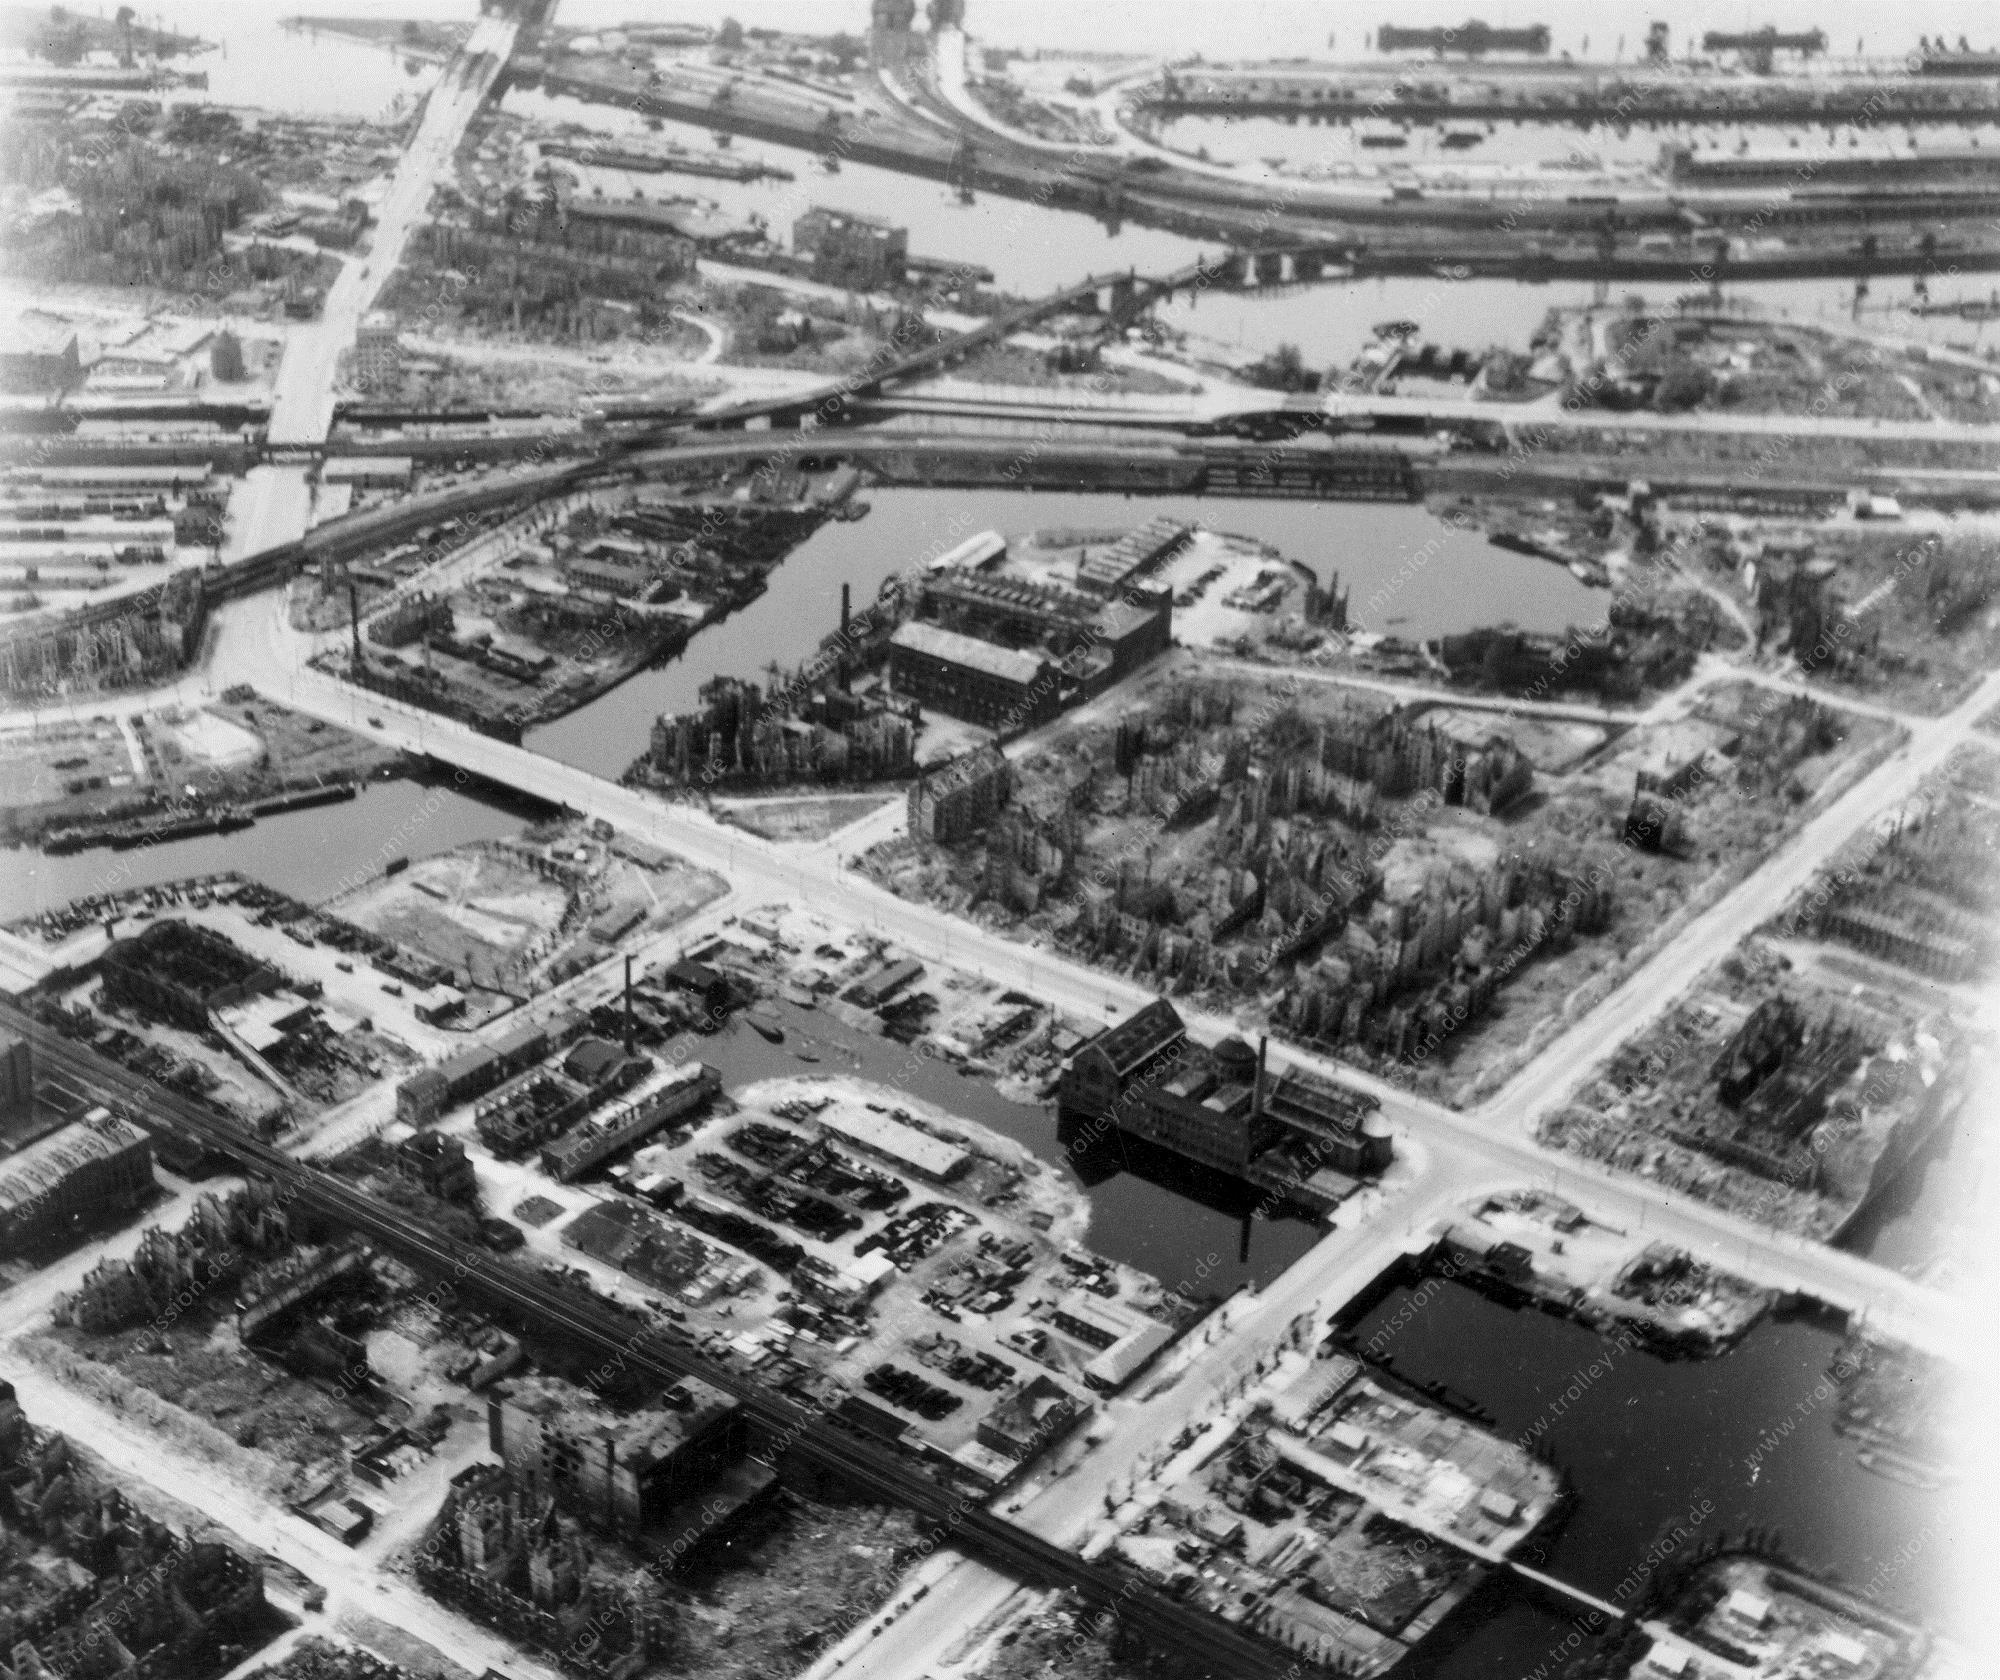 Hamburg Luftbild Hochwasserbassin, Heidenkampsweg, Badeanstalt und Oberhafenkanal mit zerstörter Eisenbahnbrücke